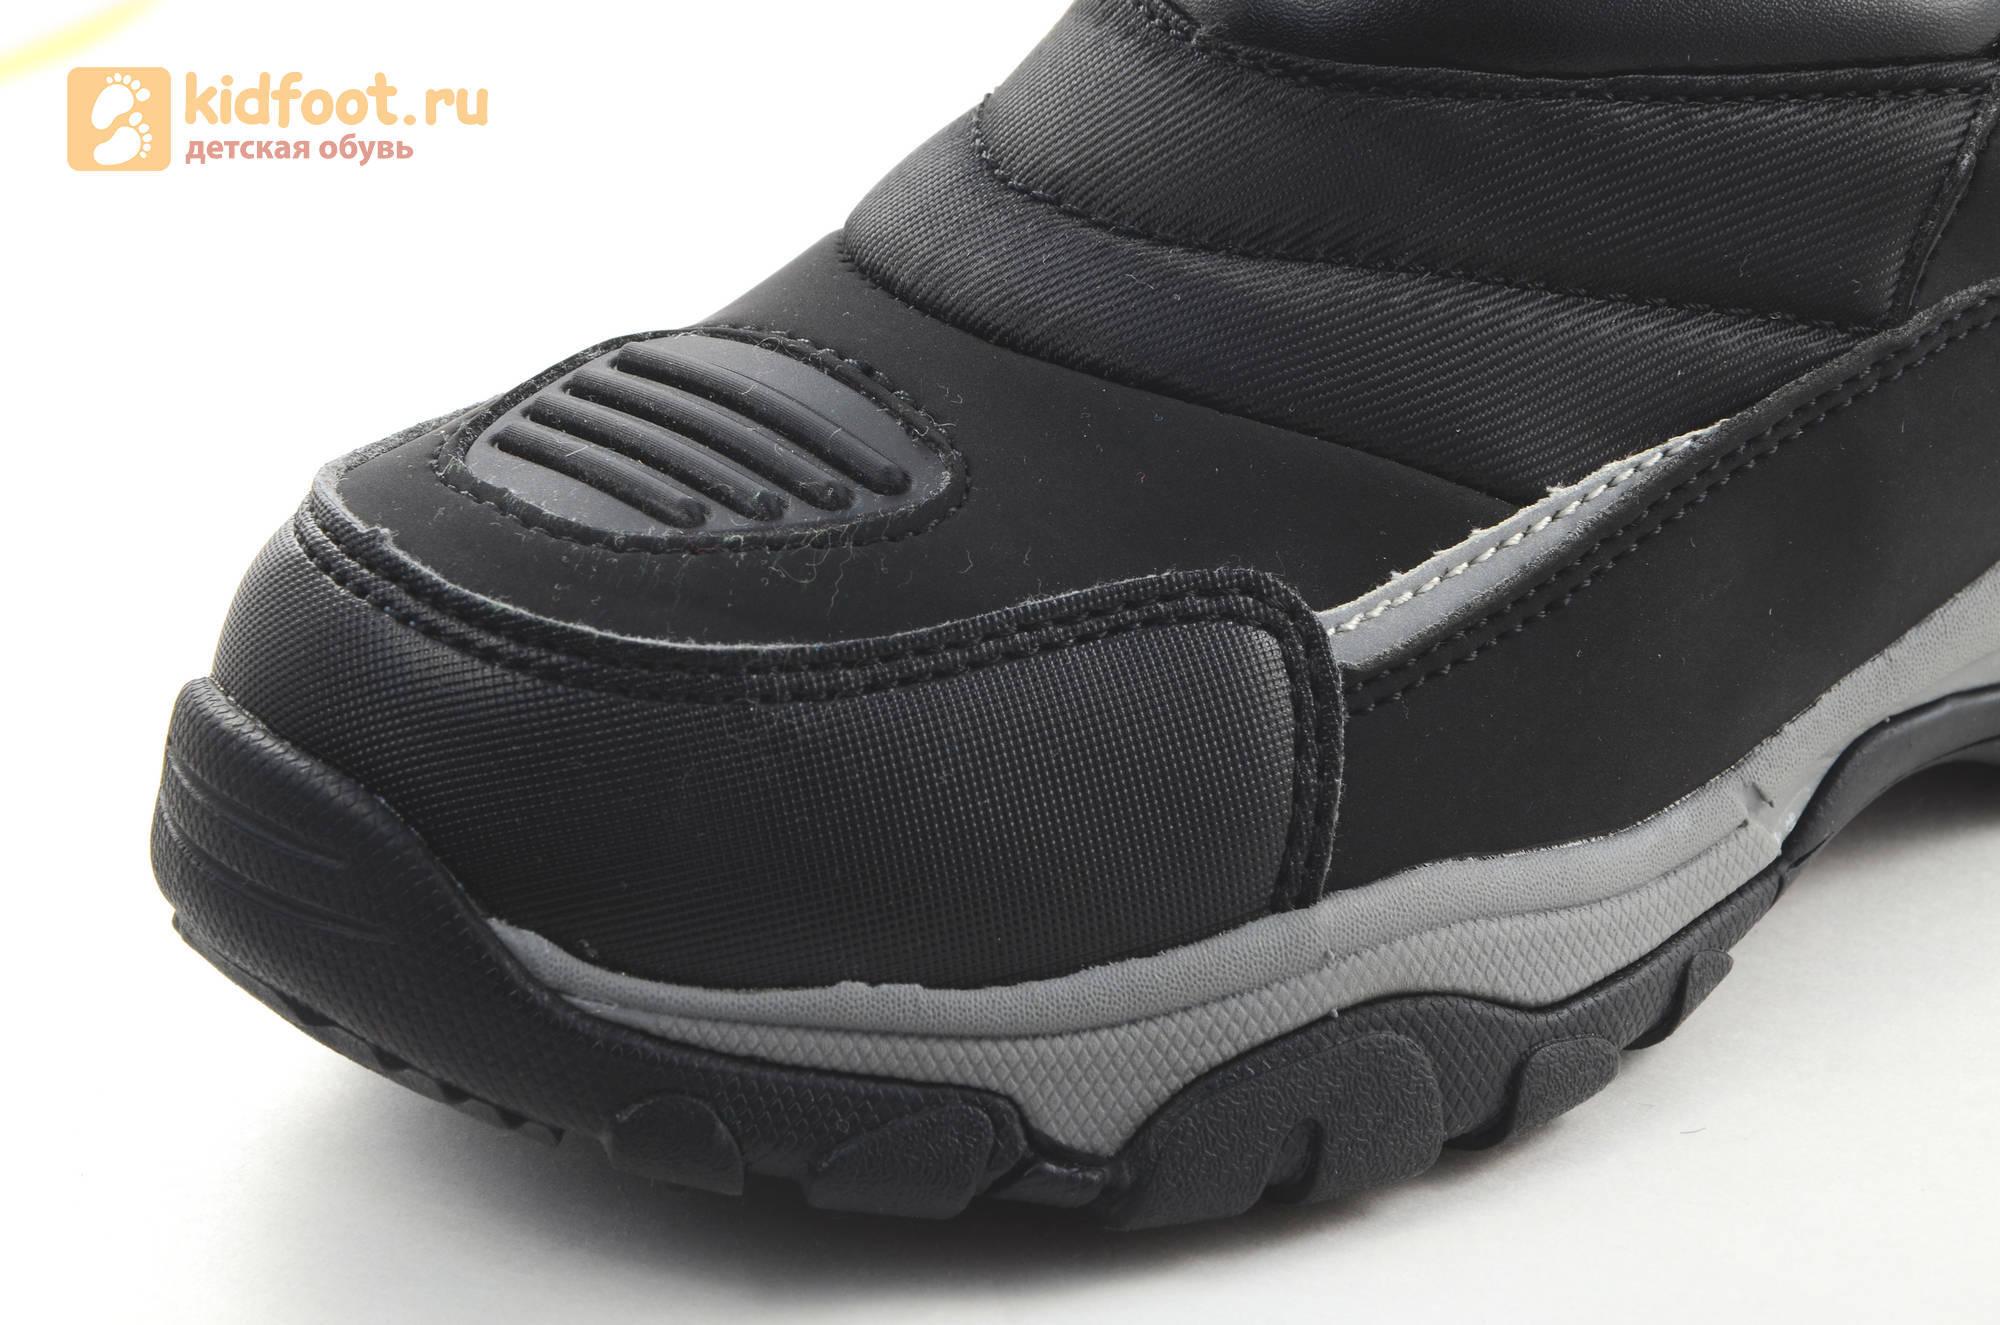 Зимние сапоги для мальчиков Какаду (Kakadu) с мембраной на молнии, цвет черный, технология Water Proof